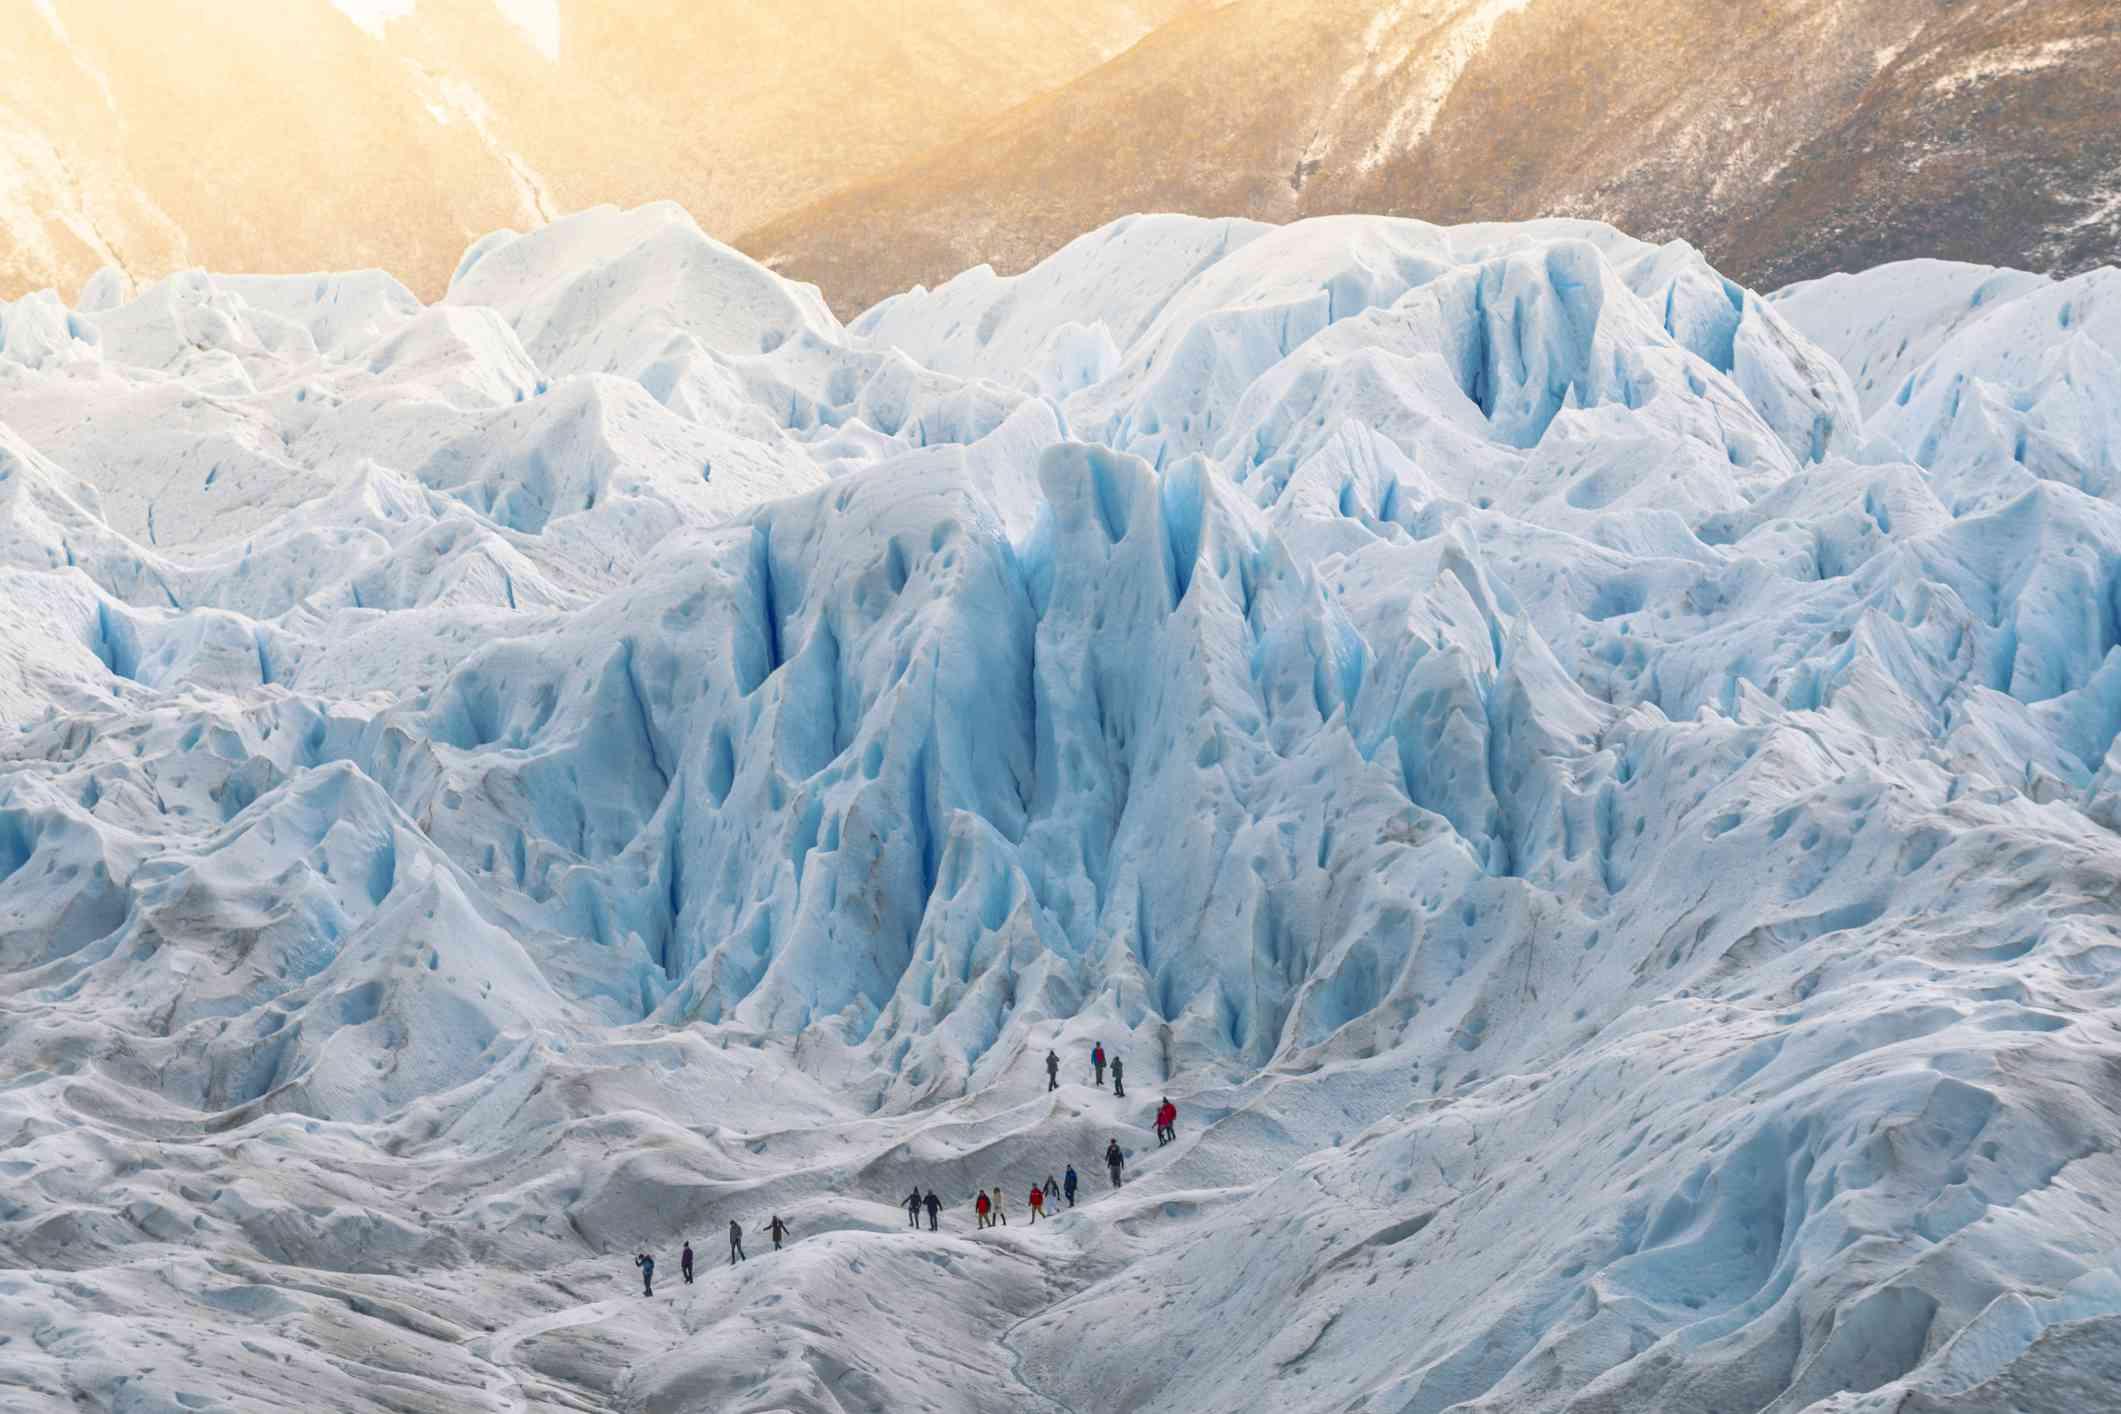 Hiking Group on the Perito Moreno Glacier